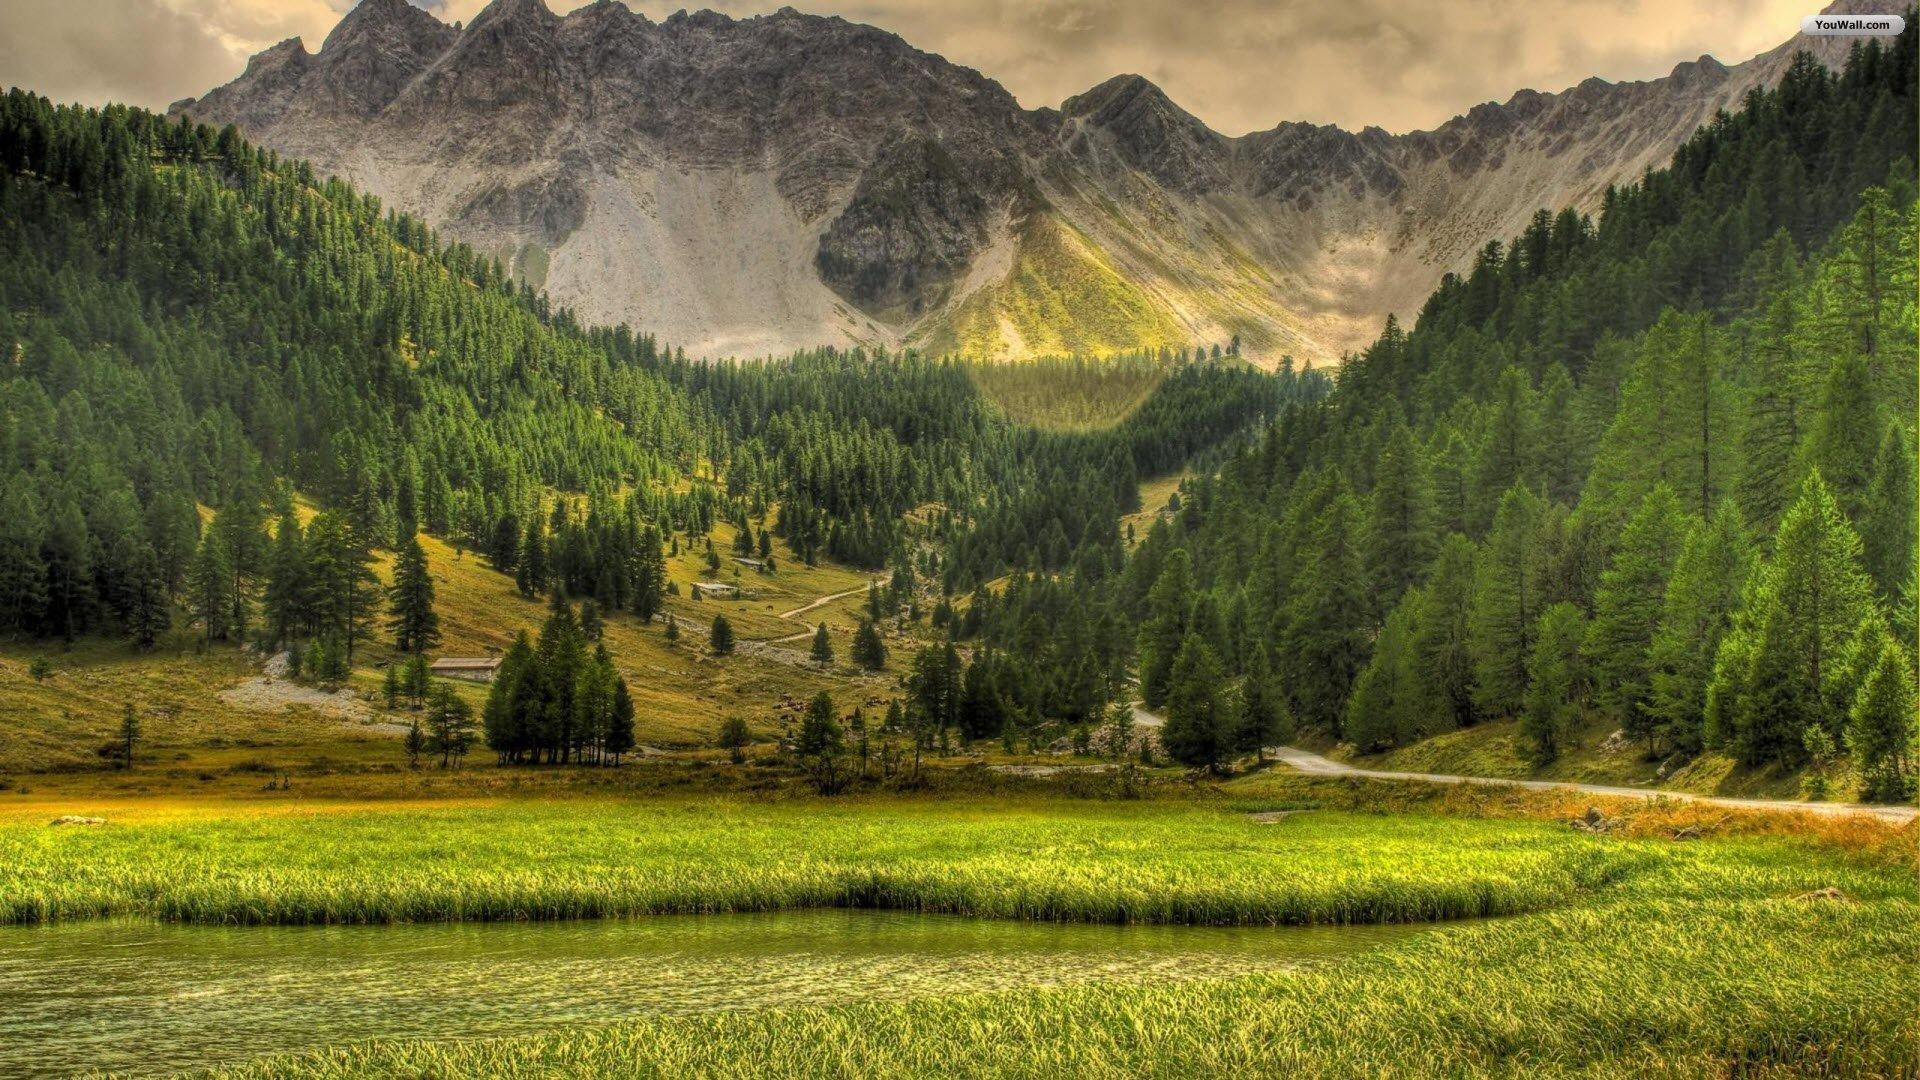 Mountain Forest High Definition Wallpaper 25754 - Baltana